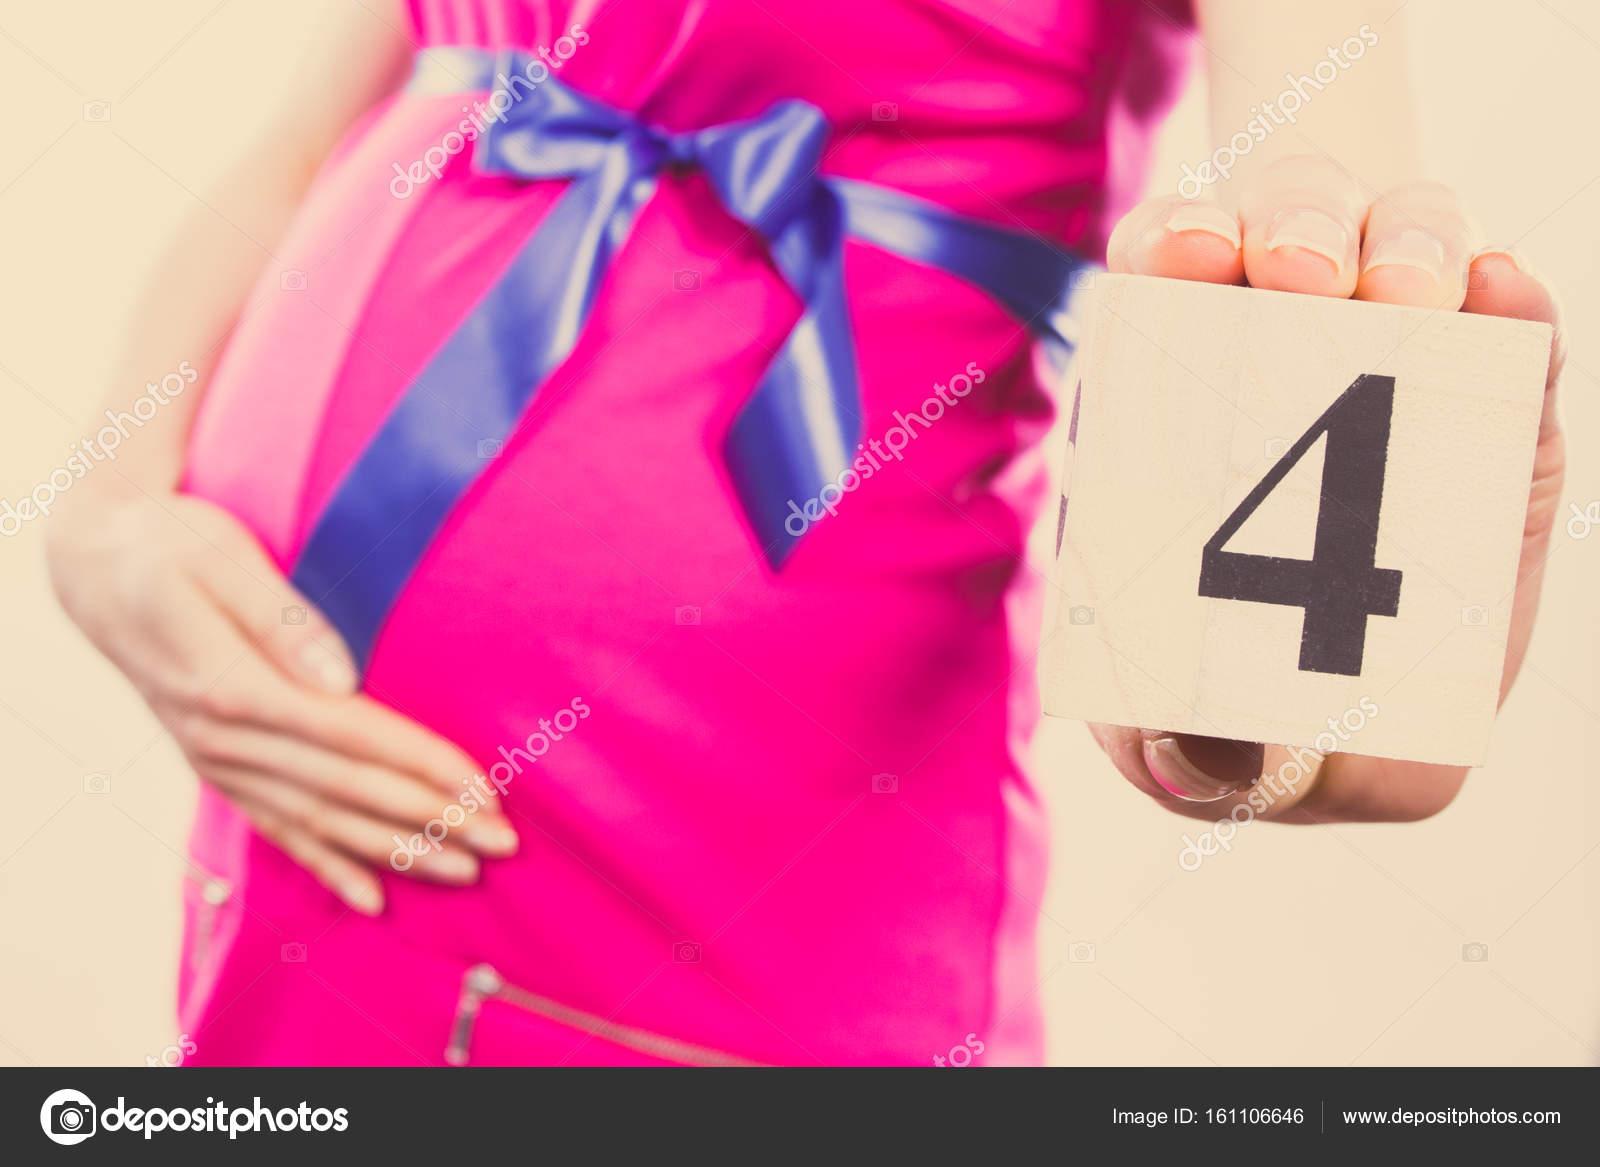 Fotos: portada facebook para mujeres | Foto de época, mano de mujer ...